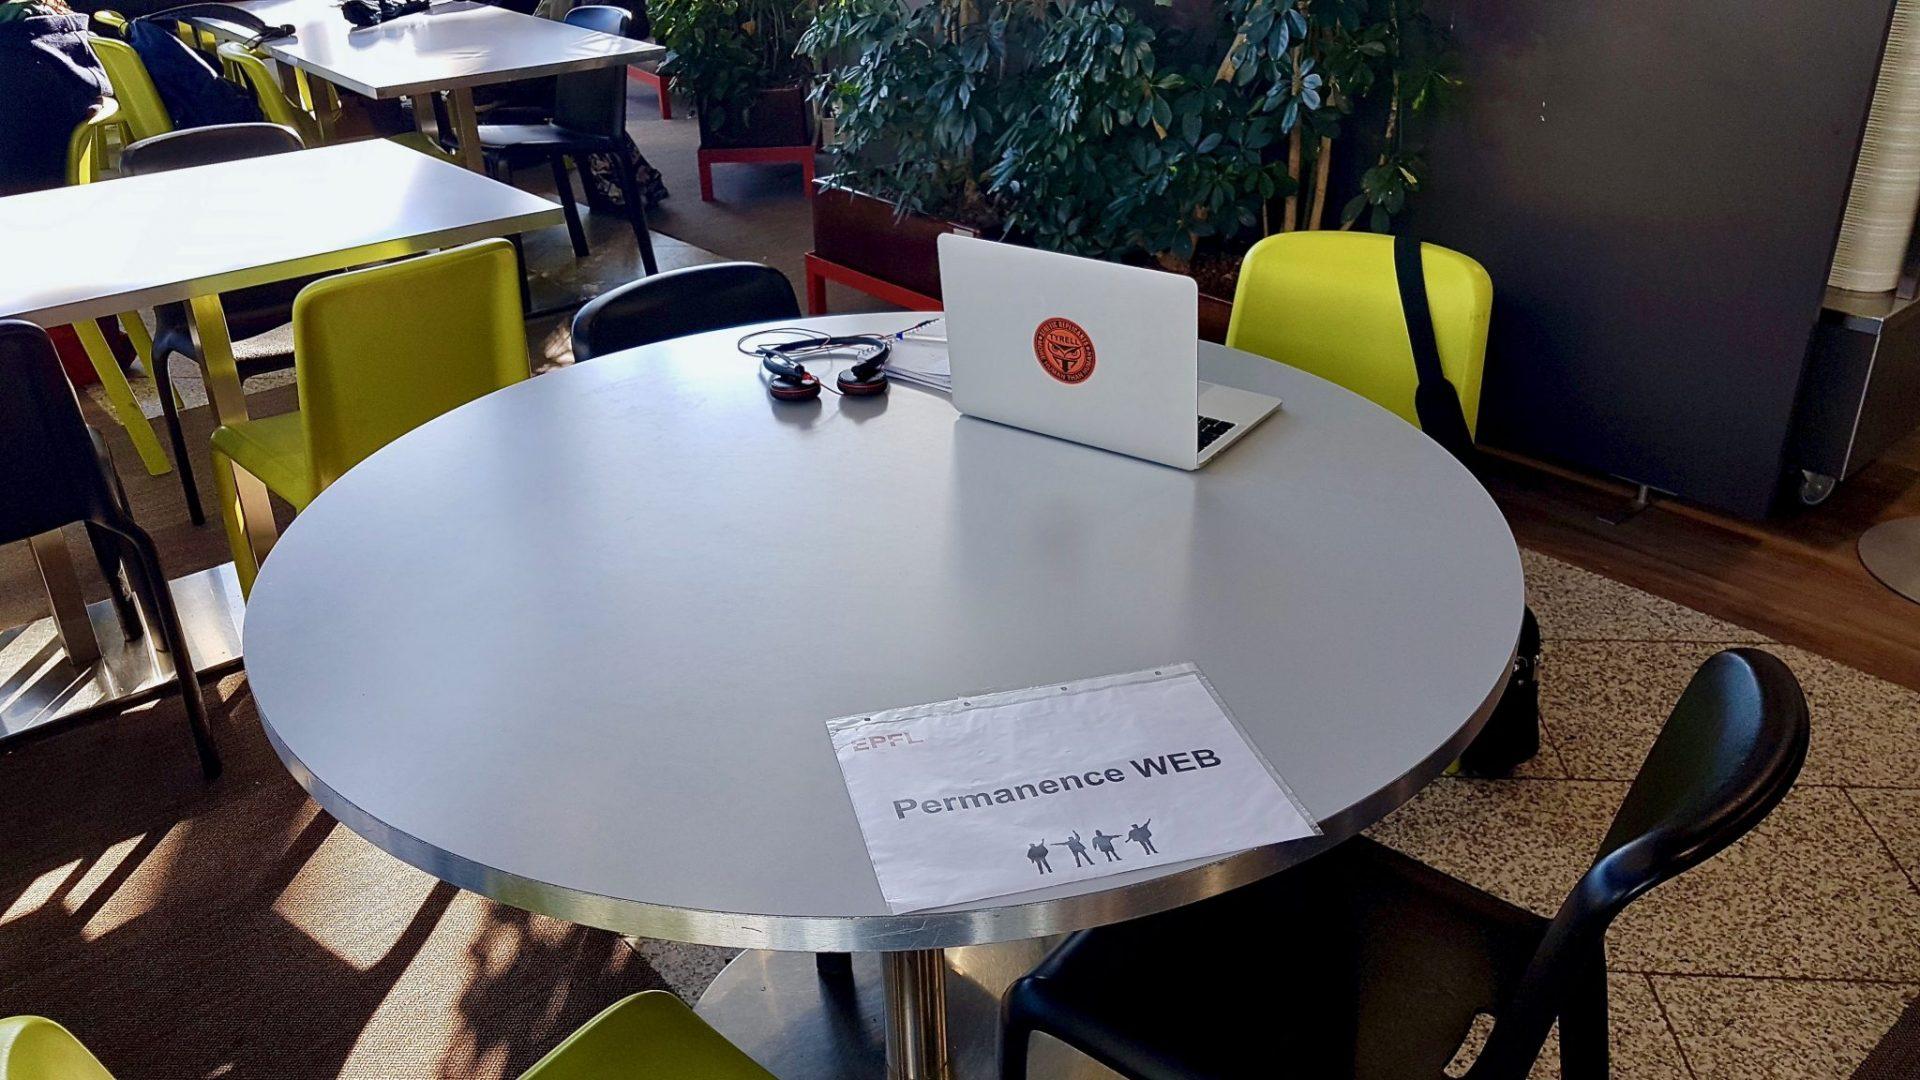 Une table, à la Coupole, avec un ordinateur posé dessus